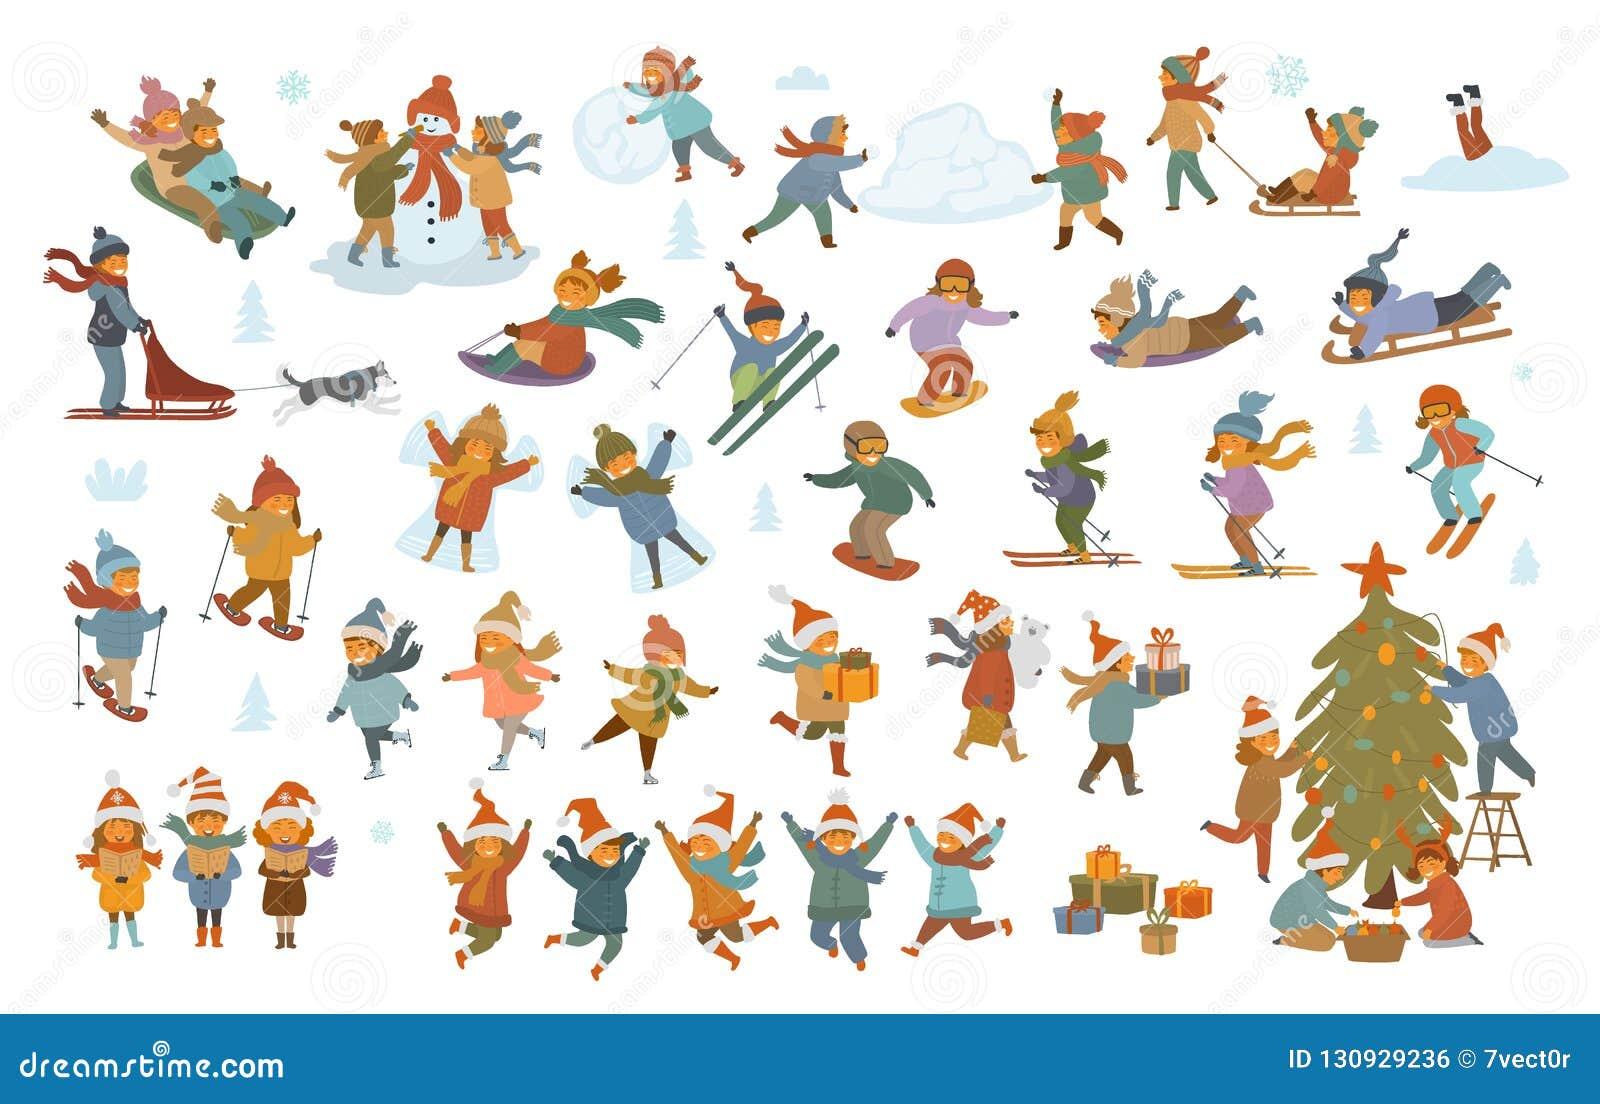 Enfants d hiver actif et de Joyeux Noël, garçon et filles faisant l ange de neige de bonhomme de neige, jeu, sledding, patinage d